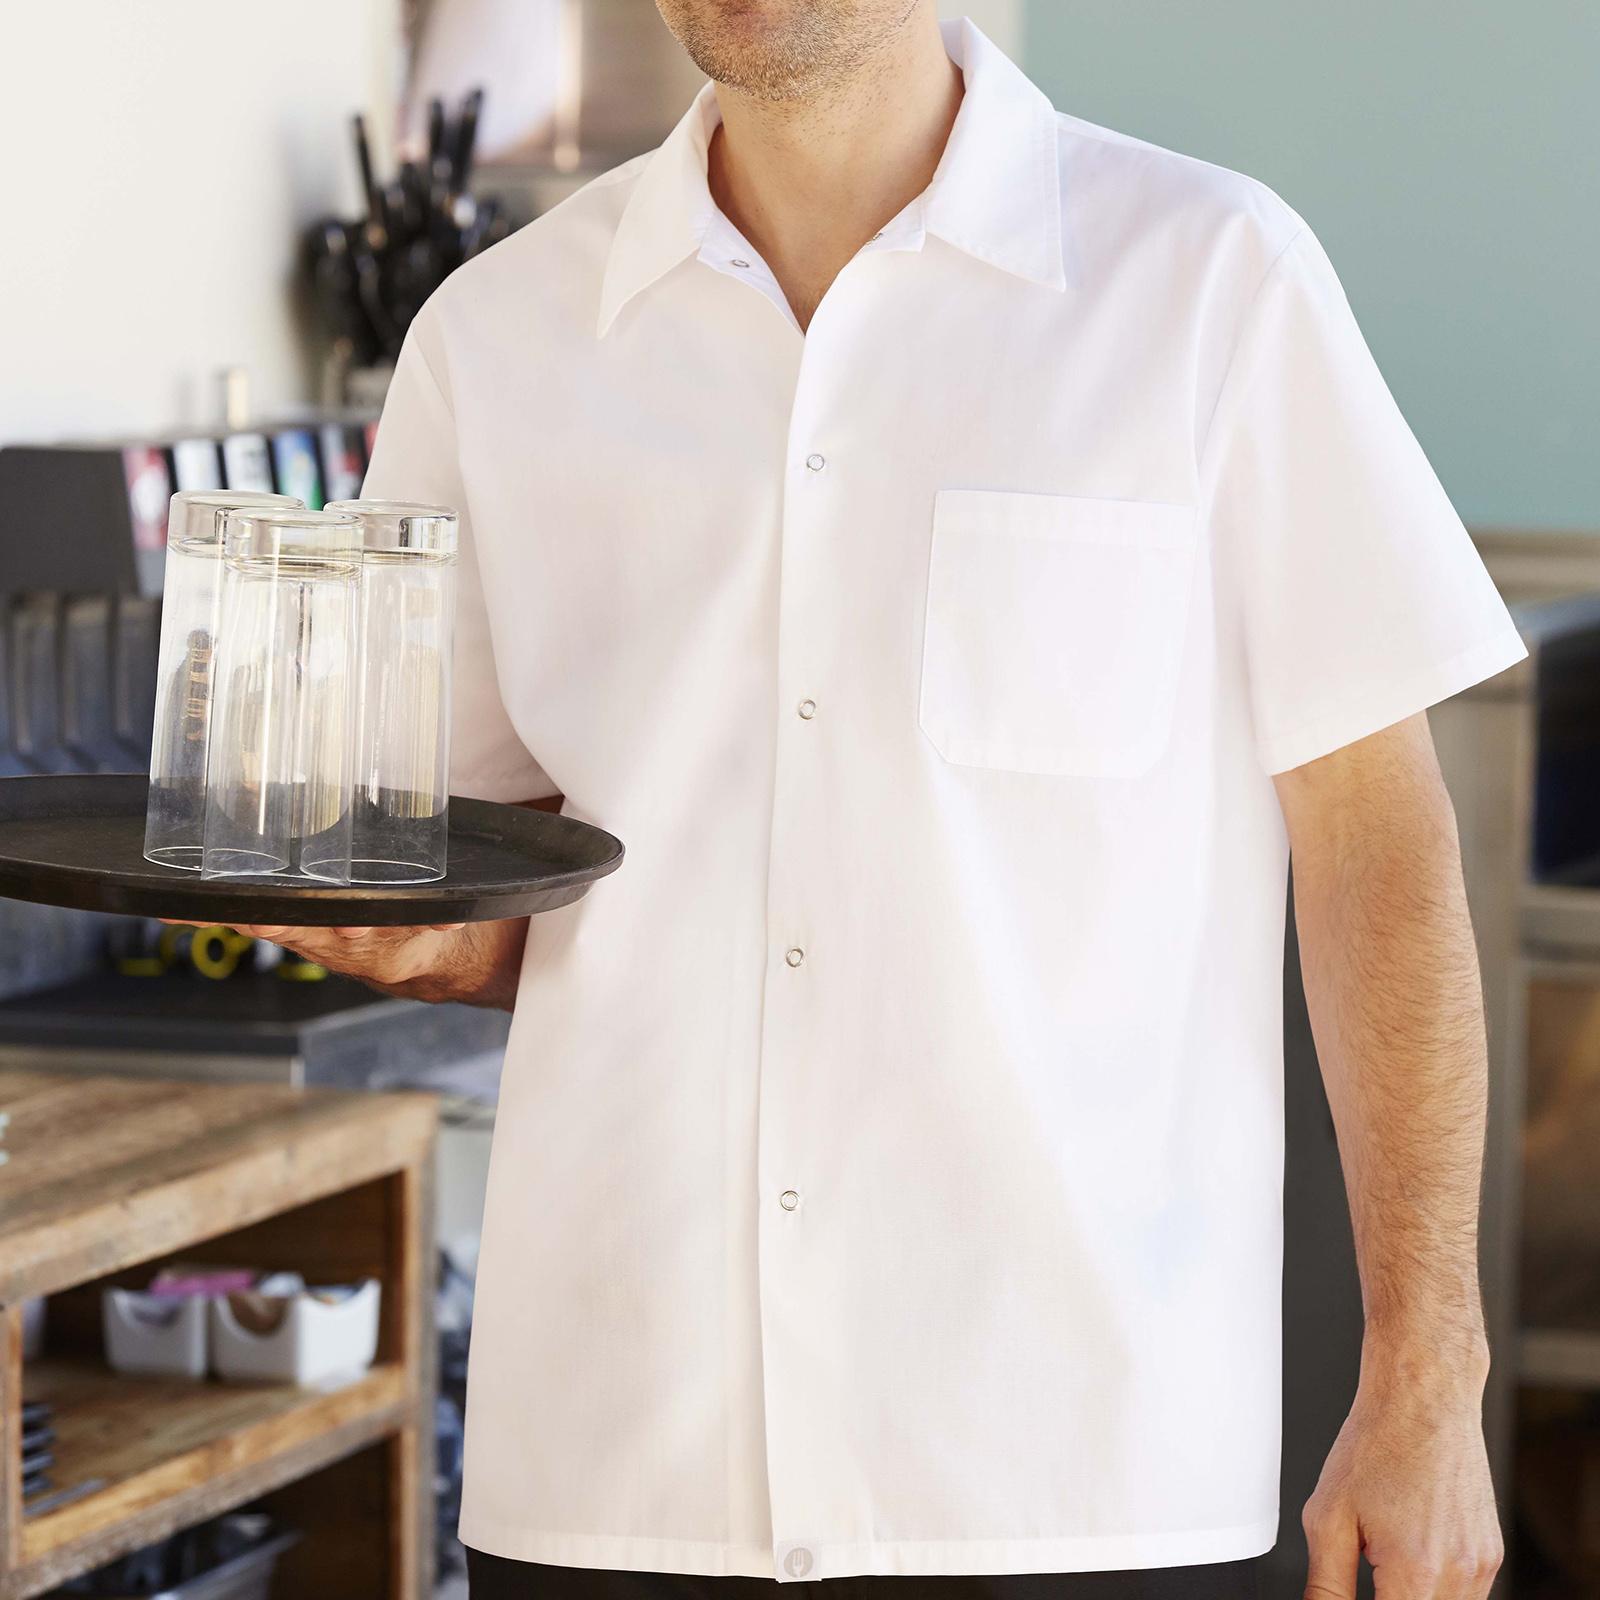 Chef Works SHYKWHT4XL cook's shirt